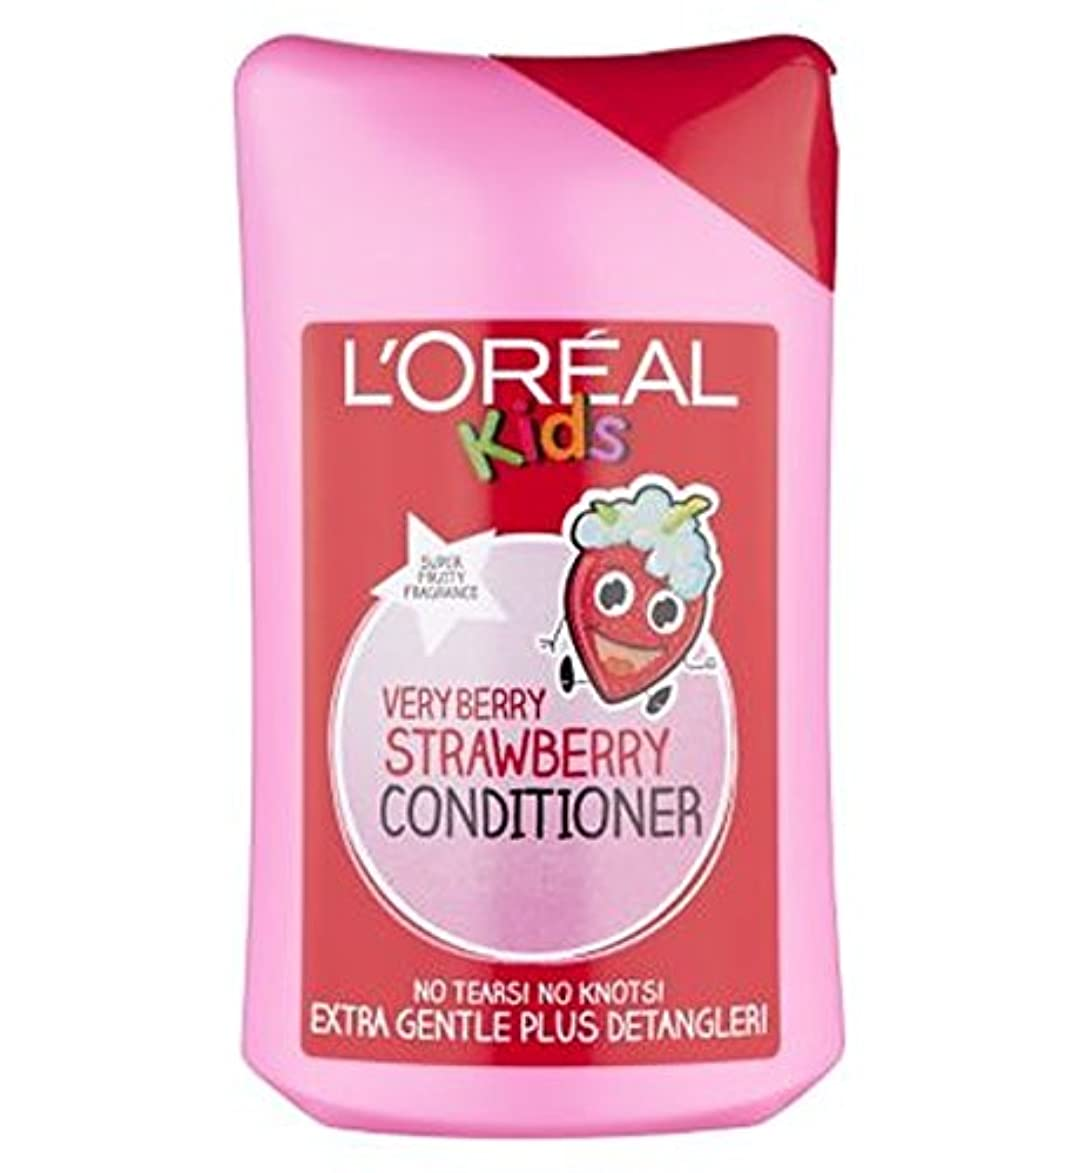 市民優雅な限定L'Oreall子供余分な穏やかな非常にベリーストロベリーコンディショナー250ミリリットル (L'Oreal) (x2) - L'Oreall Kids Extra Gentle Very Berry Strawberry...